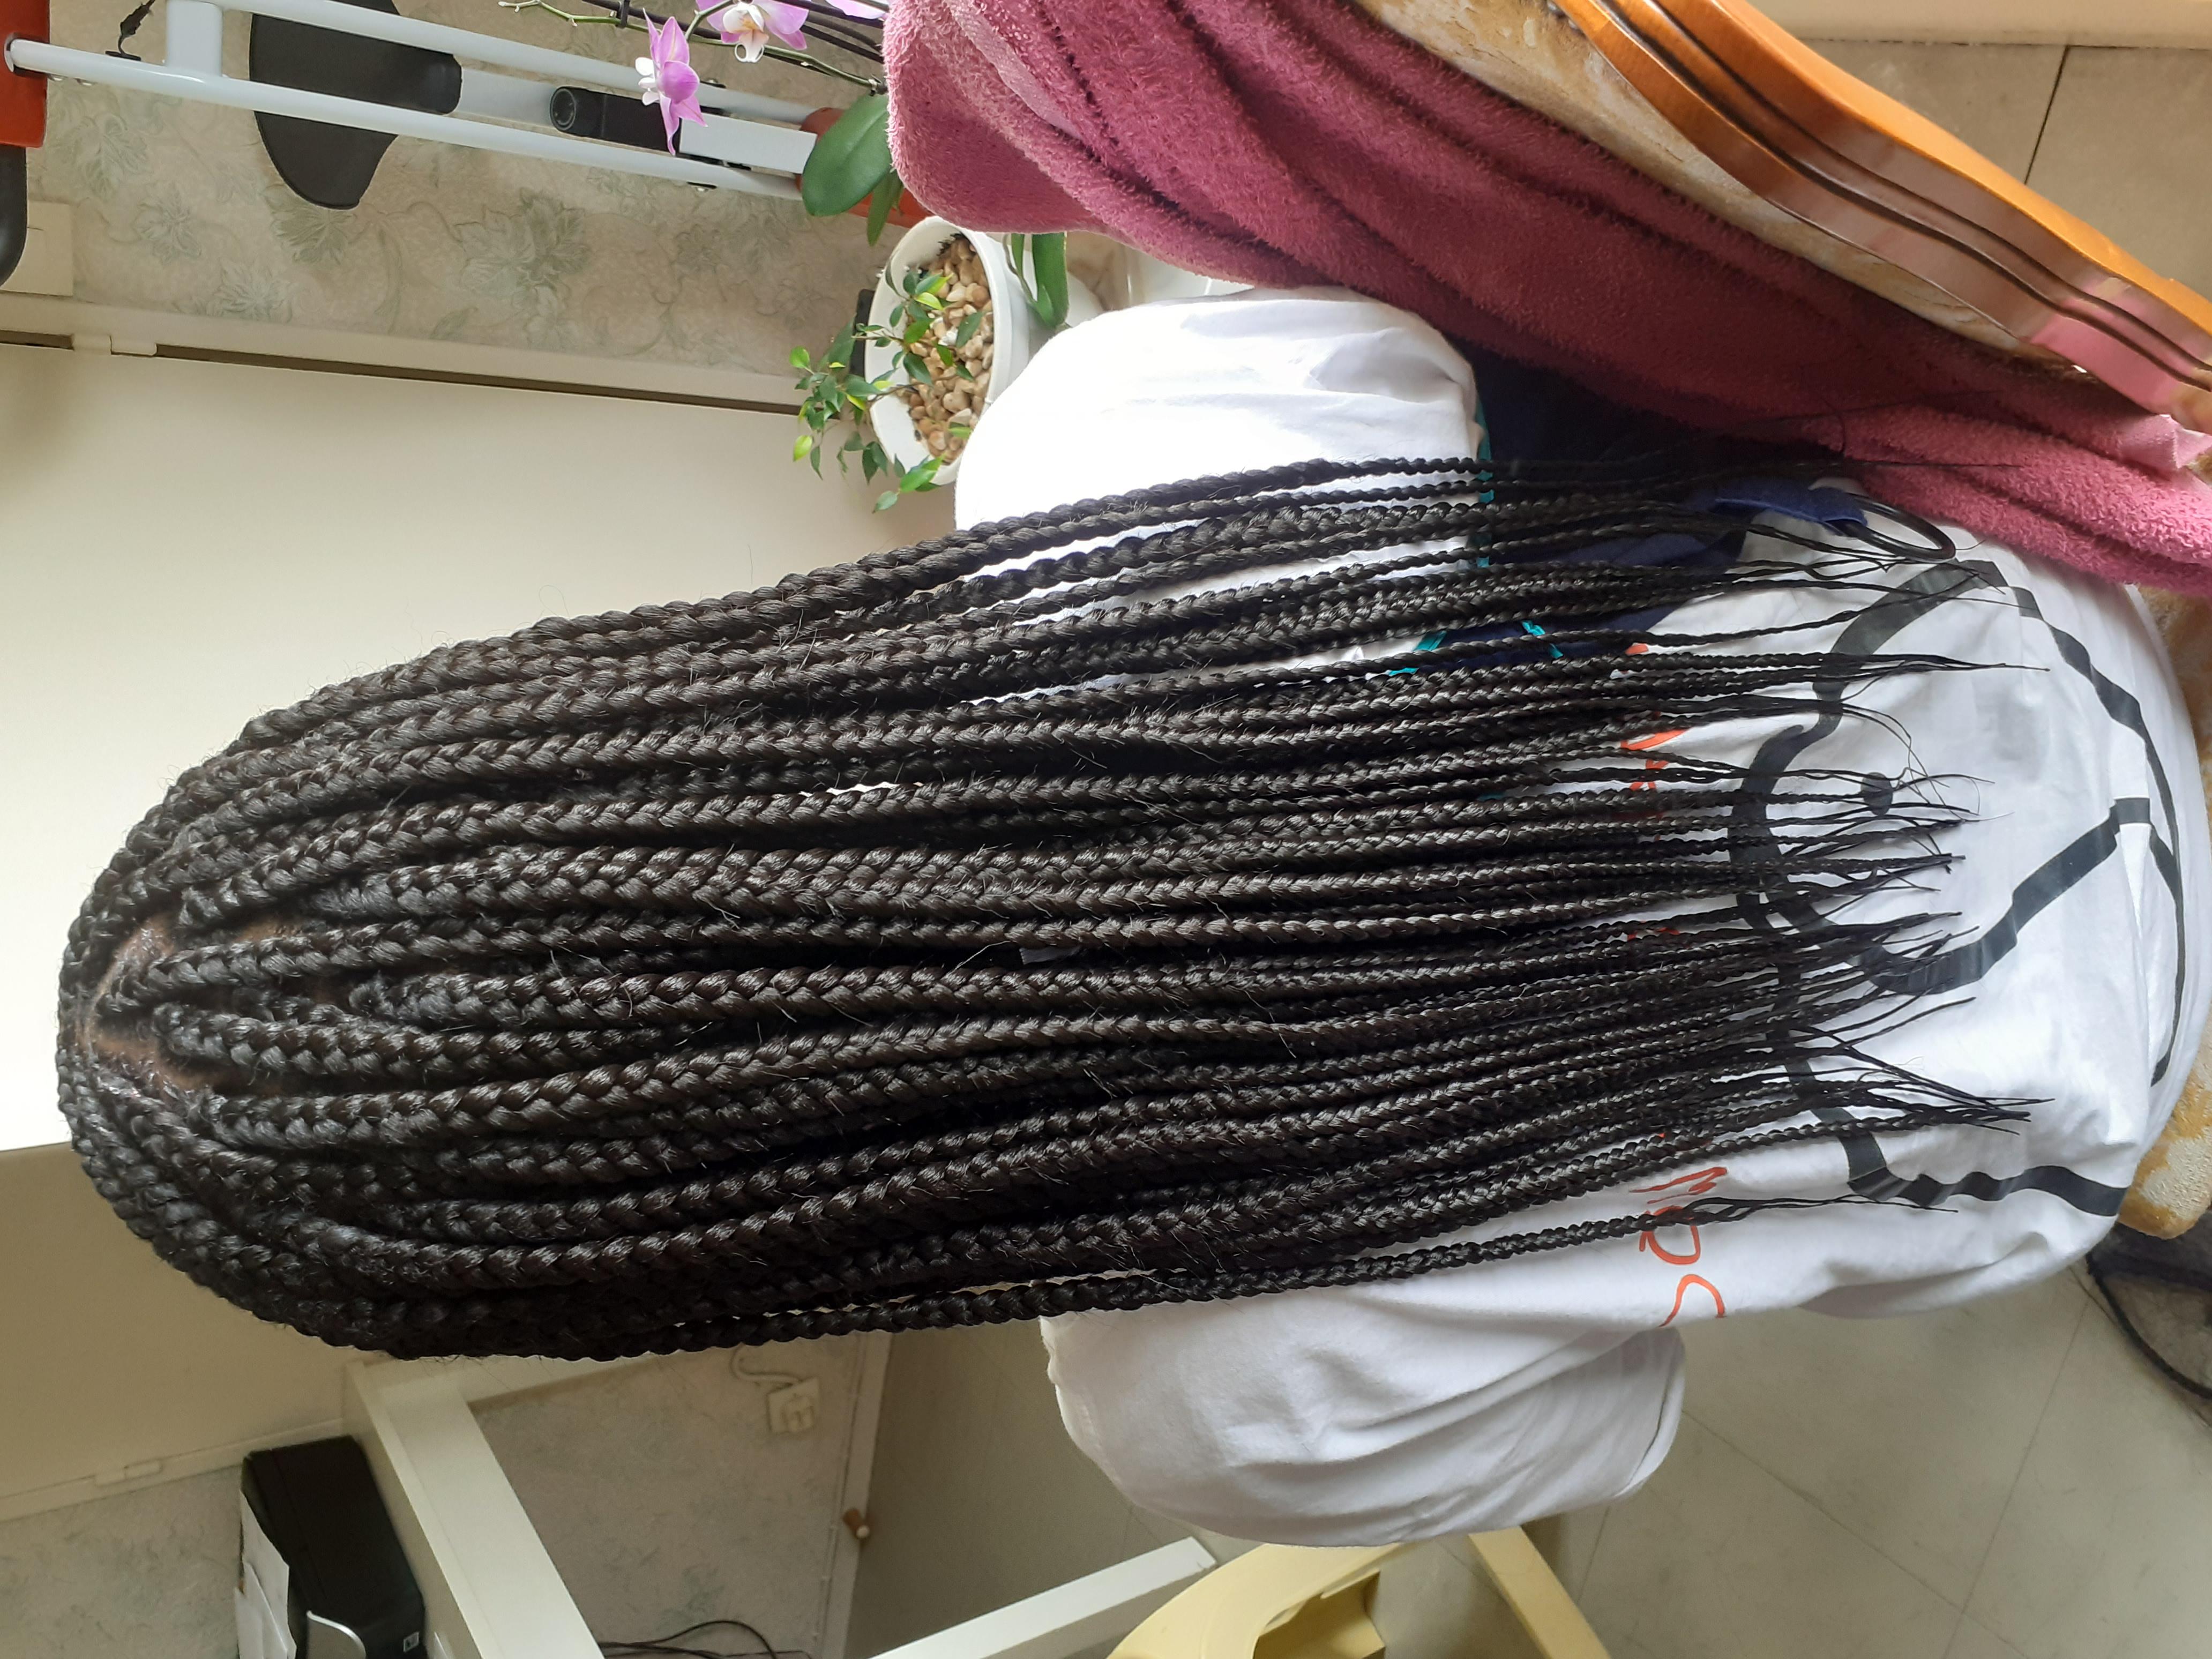 salon de coiffure afro tresse tresses box braids crochet braids vanilles tissages paris 75 77 78 91 92 93 94 95 JPGLDPLL